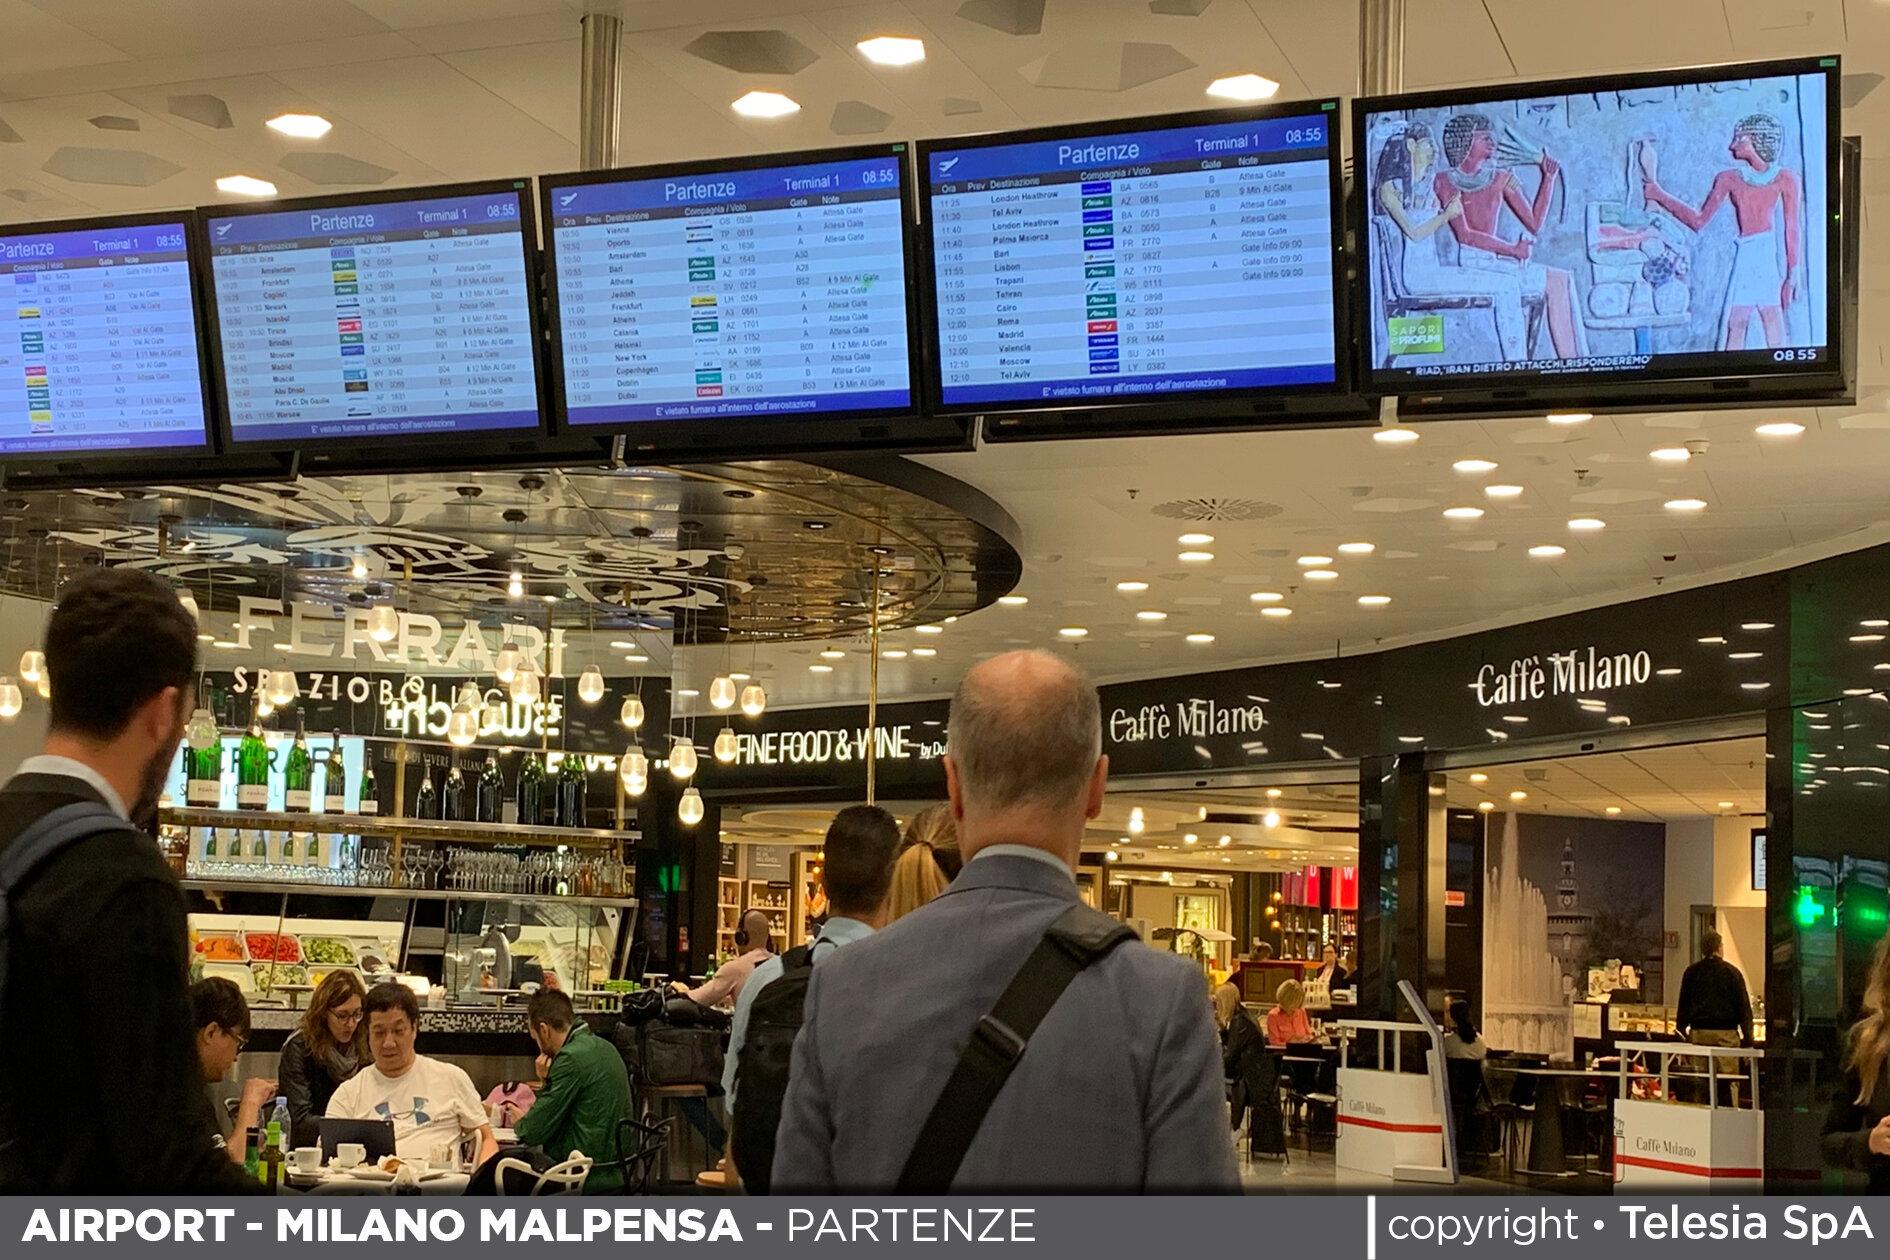 T_airportMilMalpensa1.jpg